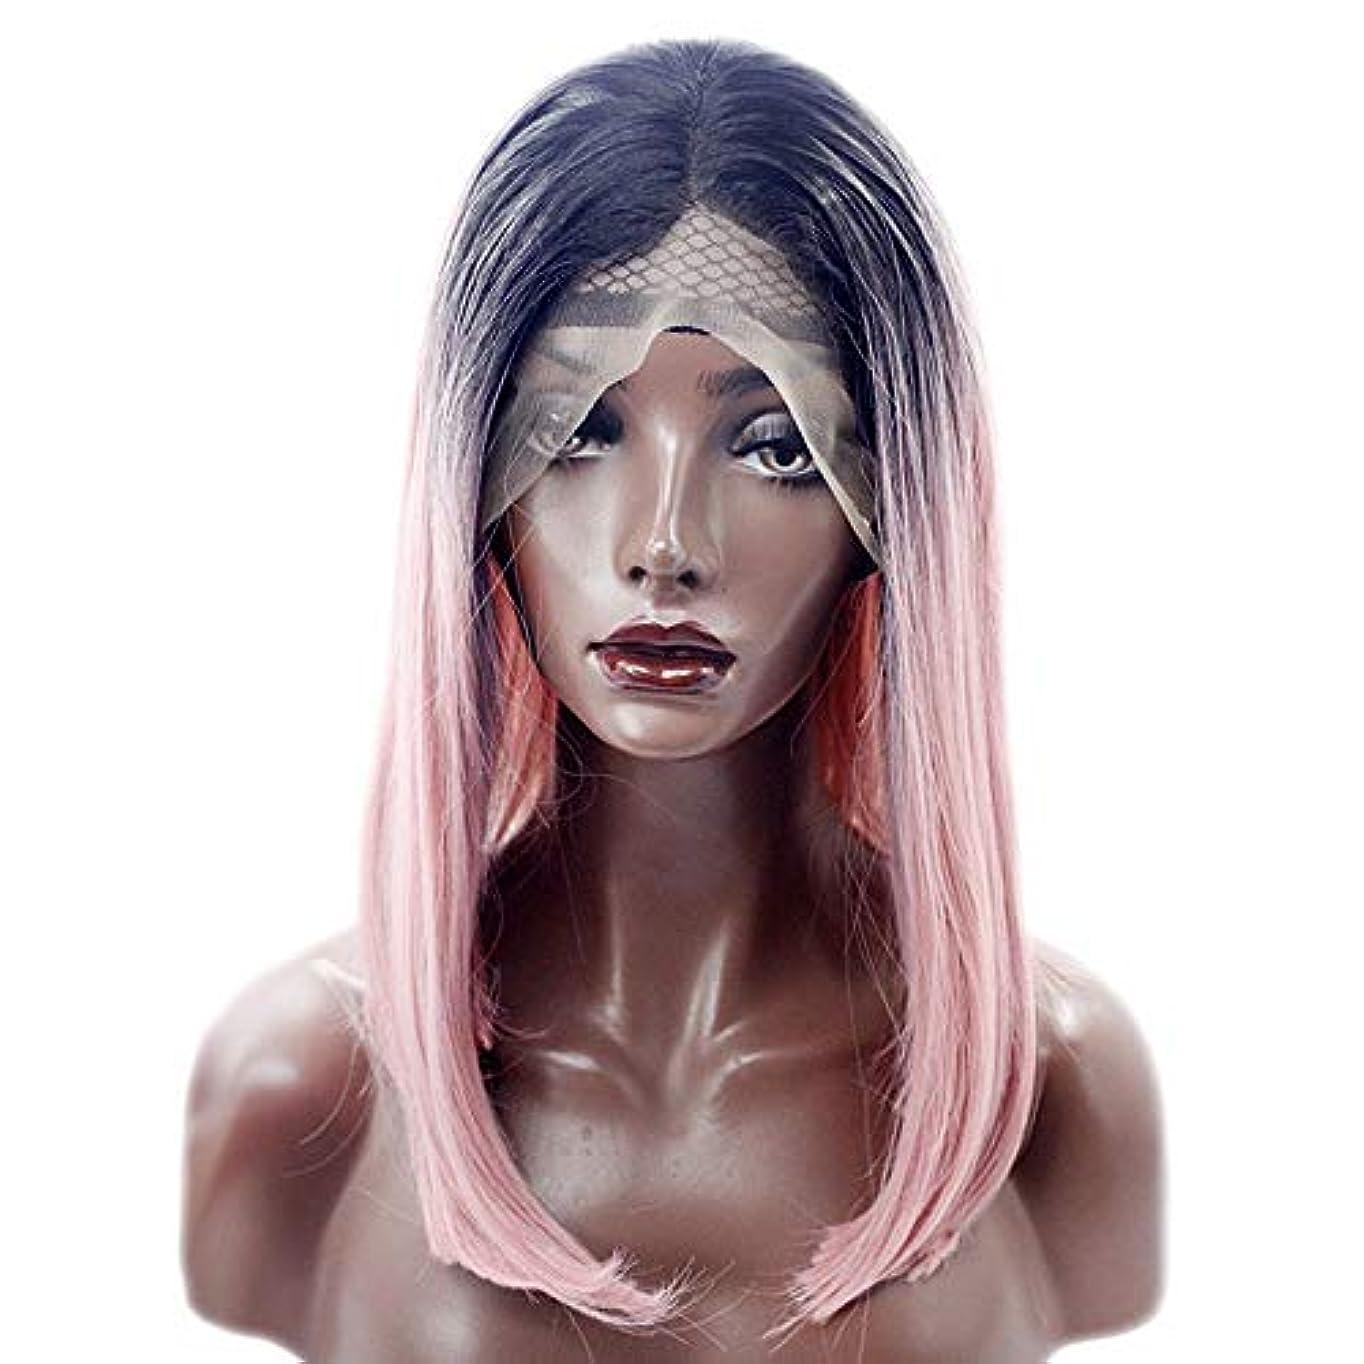 神の完璧見積りYOUQIU 女性のかつらのフロント合成かつらピンクボブウィッグストレート肩の耐熱髪をひもで締めます (色 : ピンク)